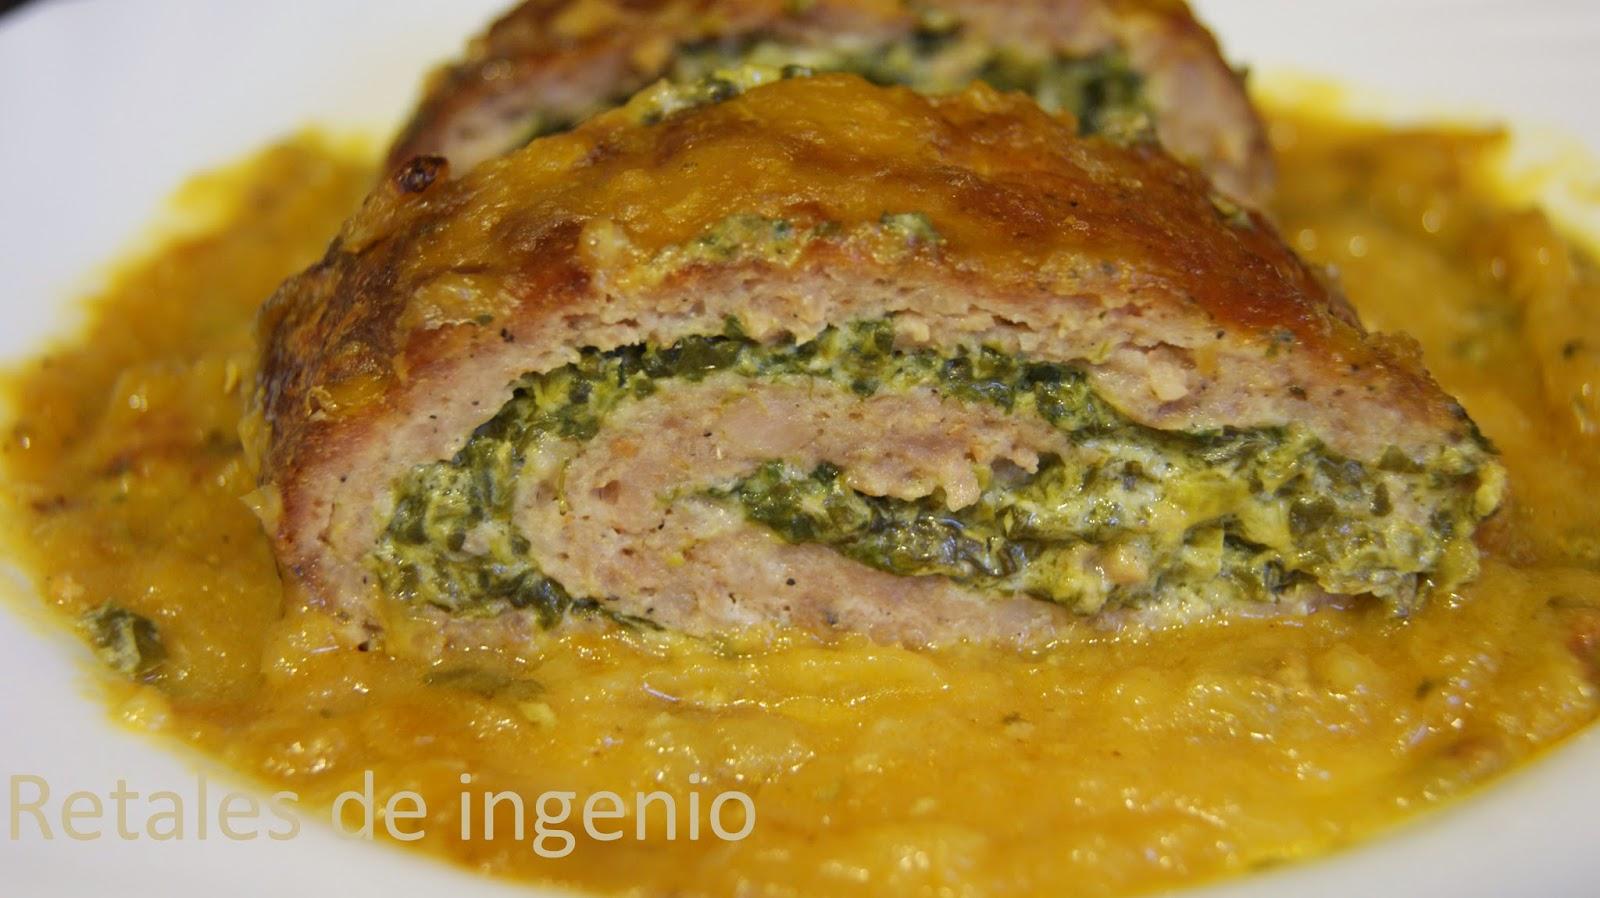 Retales de ingenio recetas y diet tica rollo de carne for Maneras de cocinar espinacas